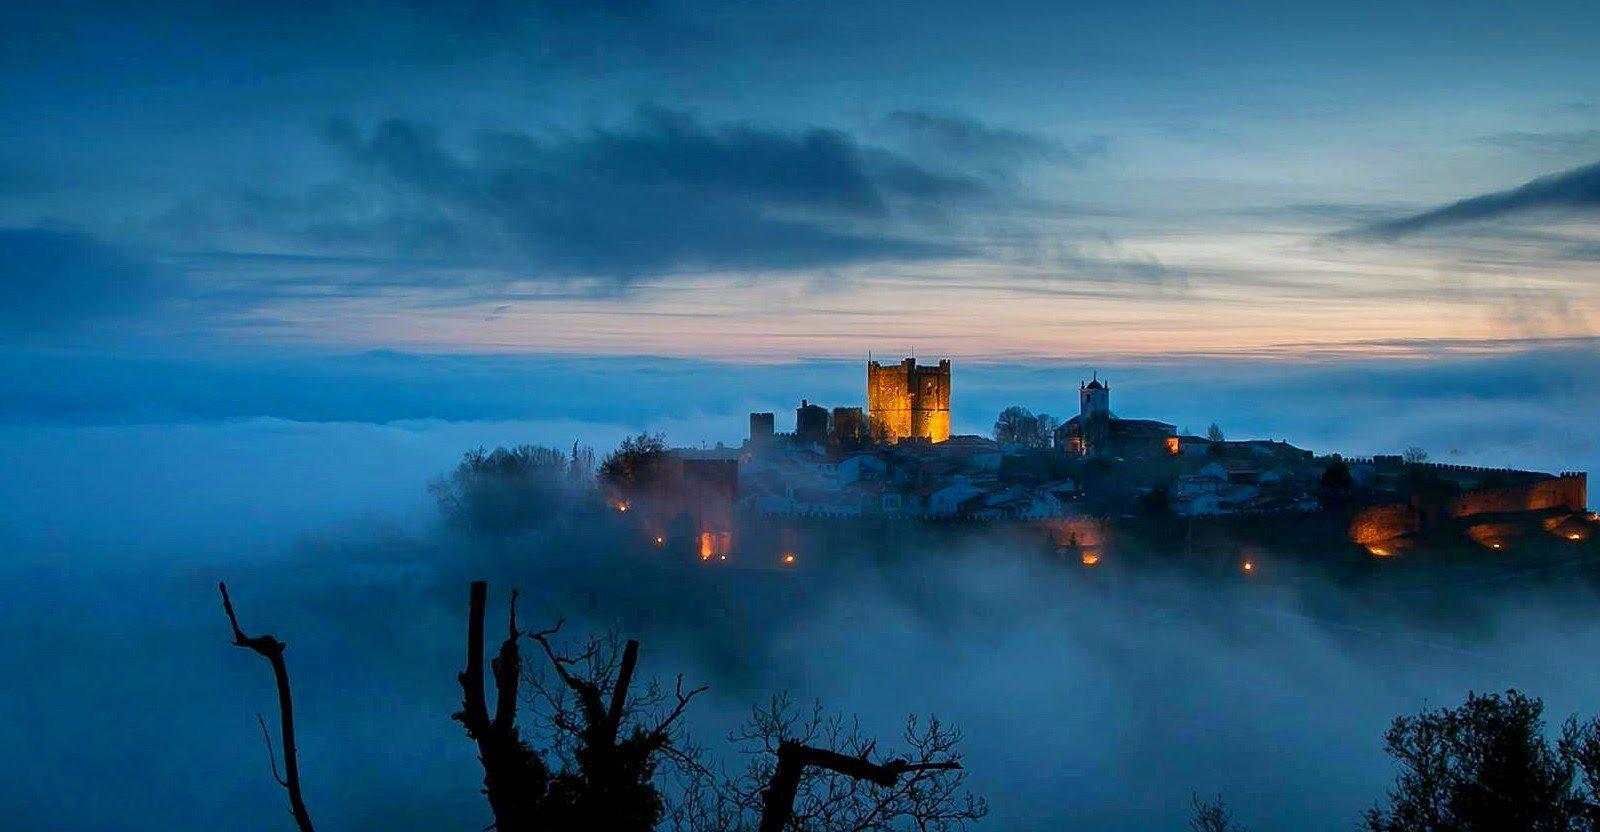 braganca_north_portugal_castle_fog_blue_